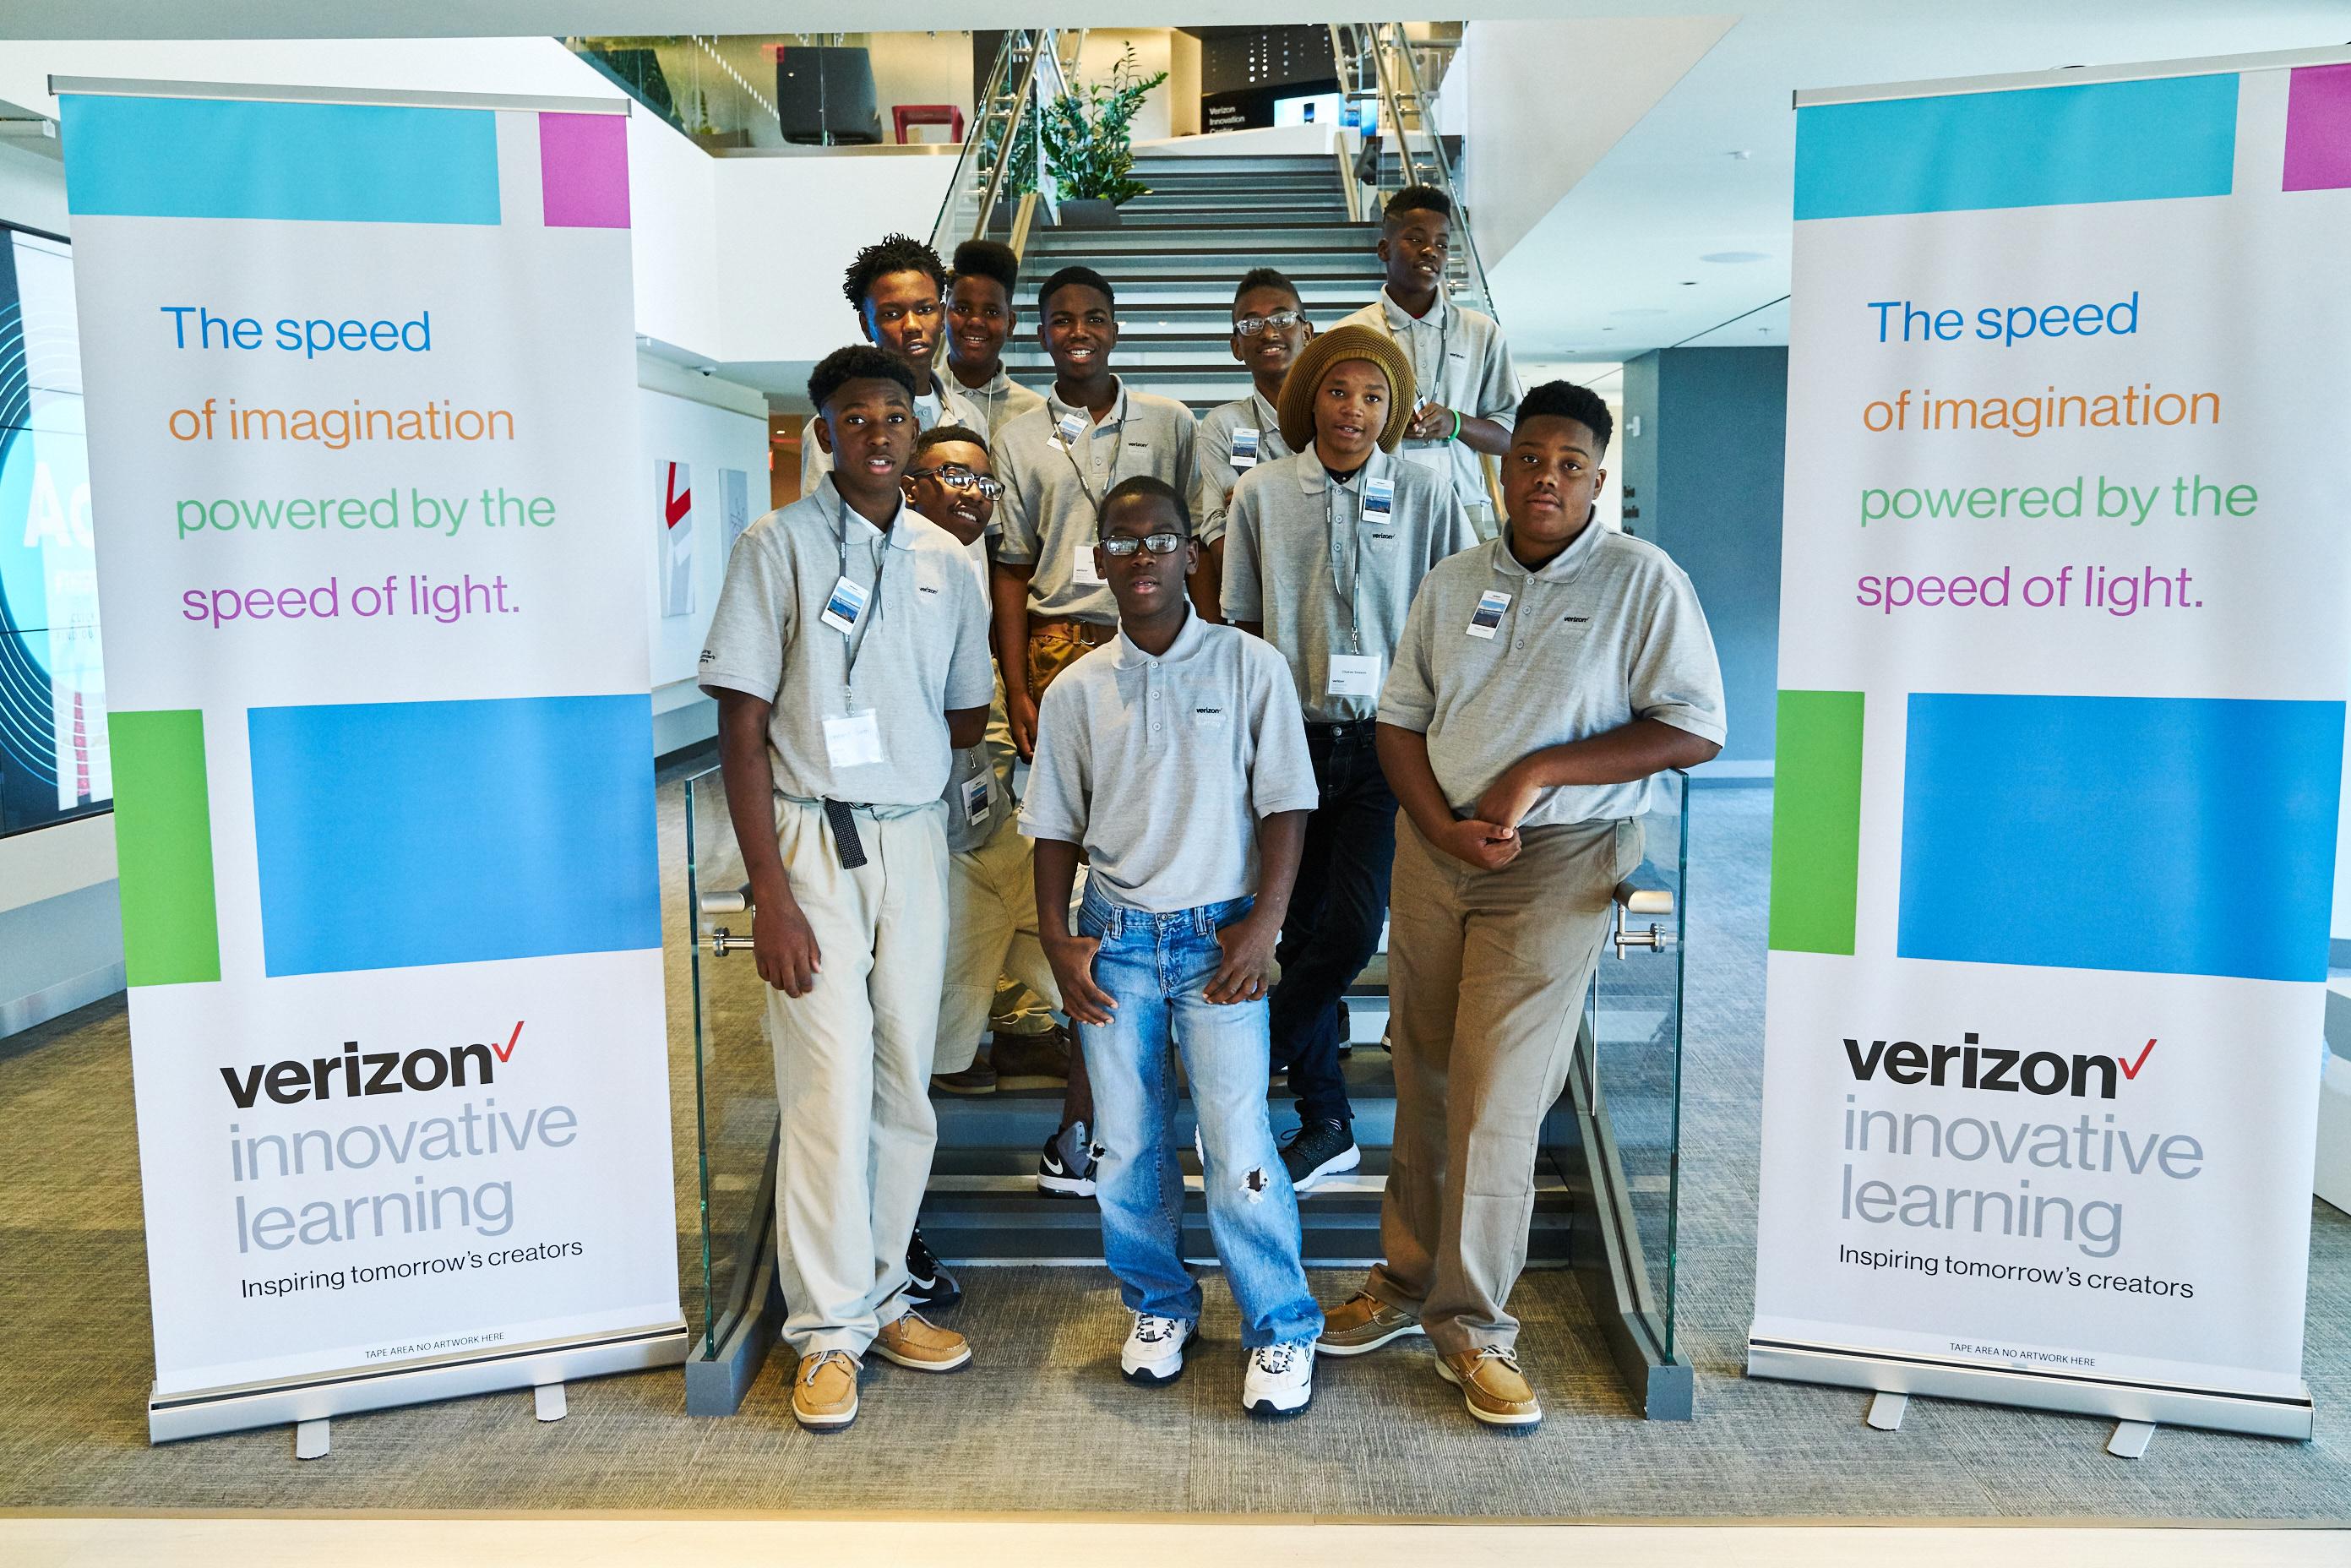 MLEE-VerizonInnovation-Students-Jackson